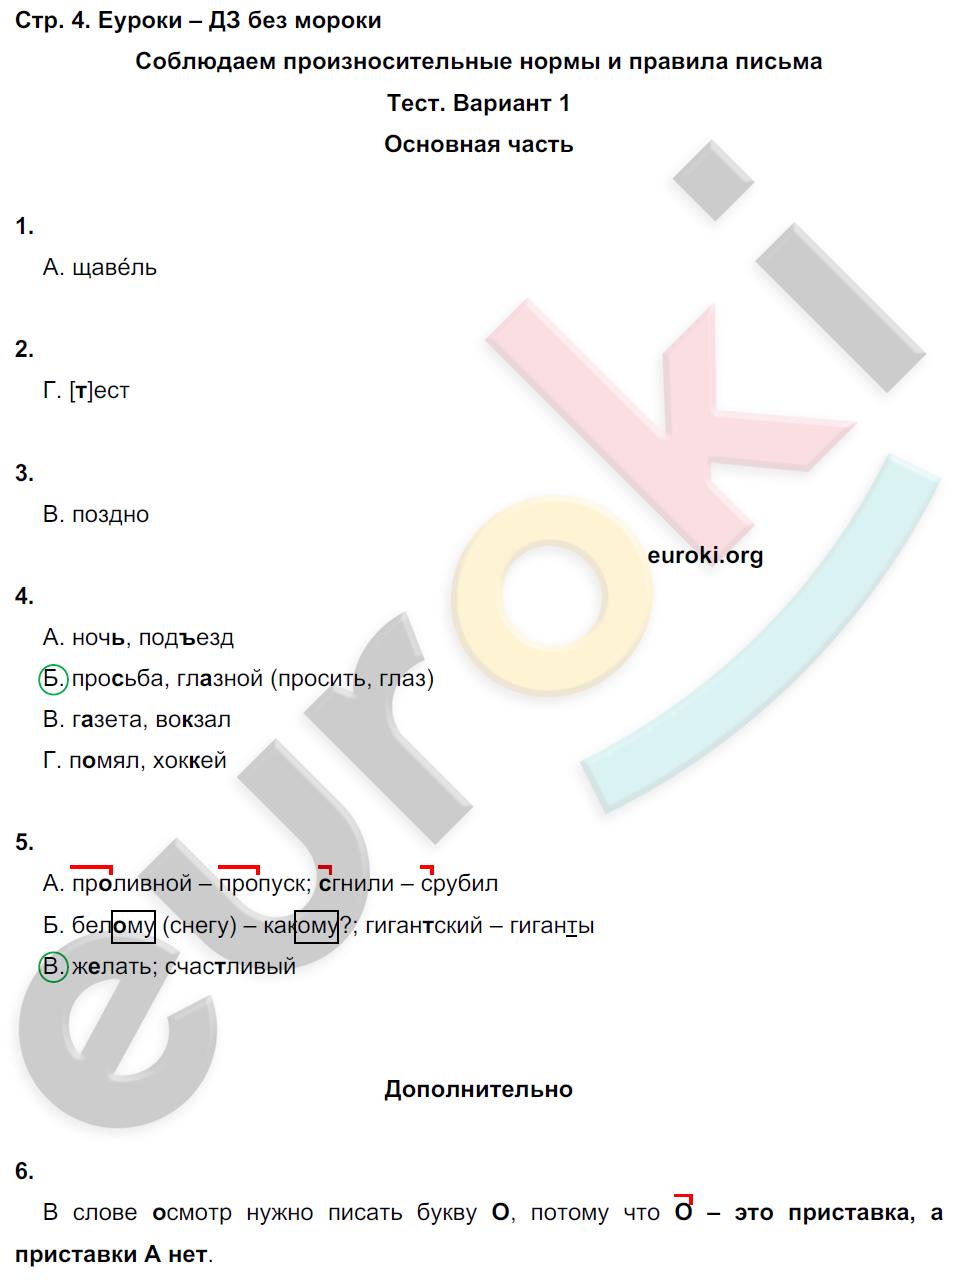 ГДЗ по русскому языку 4 класс самостоятельные работы Калинина, Желтовская. Задание: стр. 4